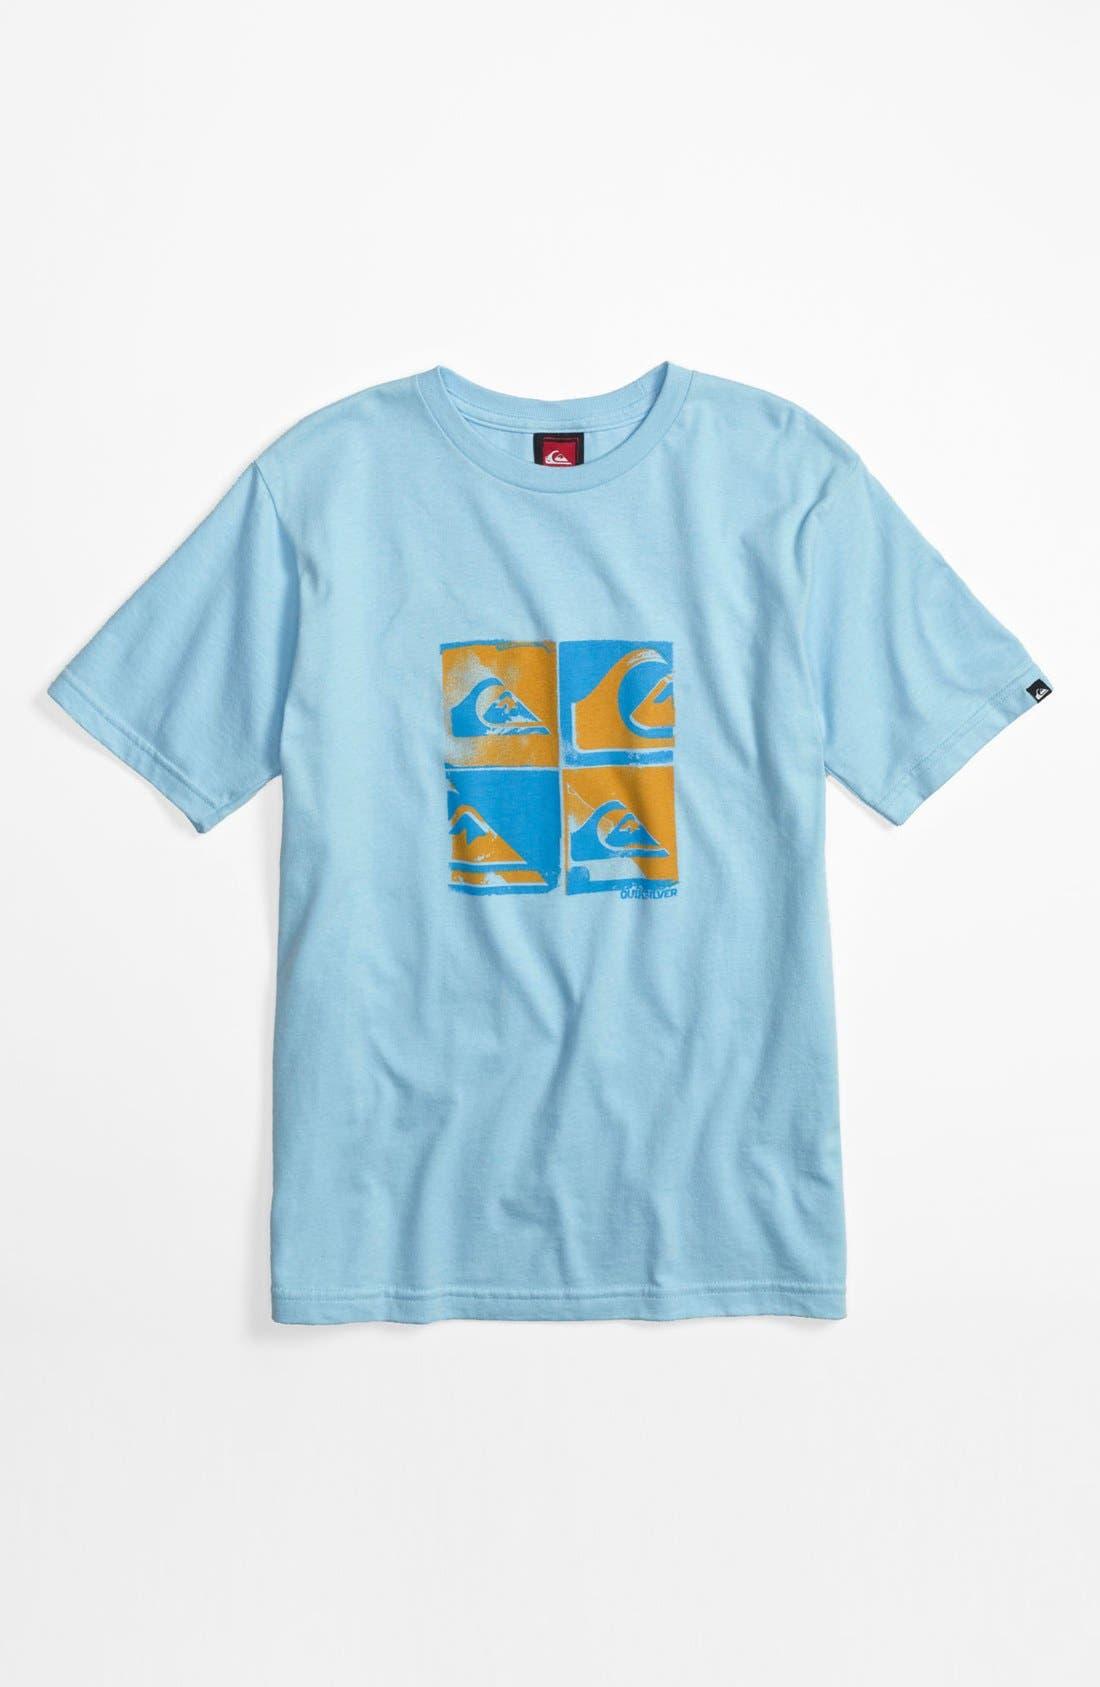 Main Image - Quiksilver 'Sunnys' T-Shirt (Big Boys)